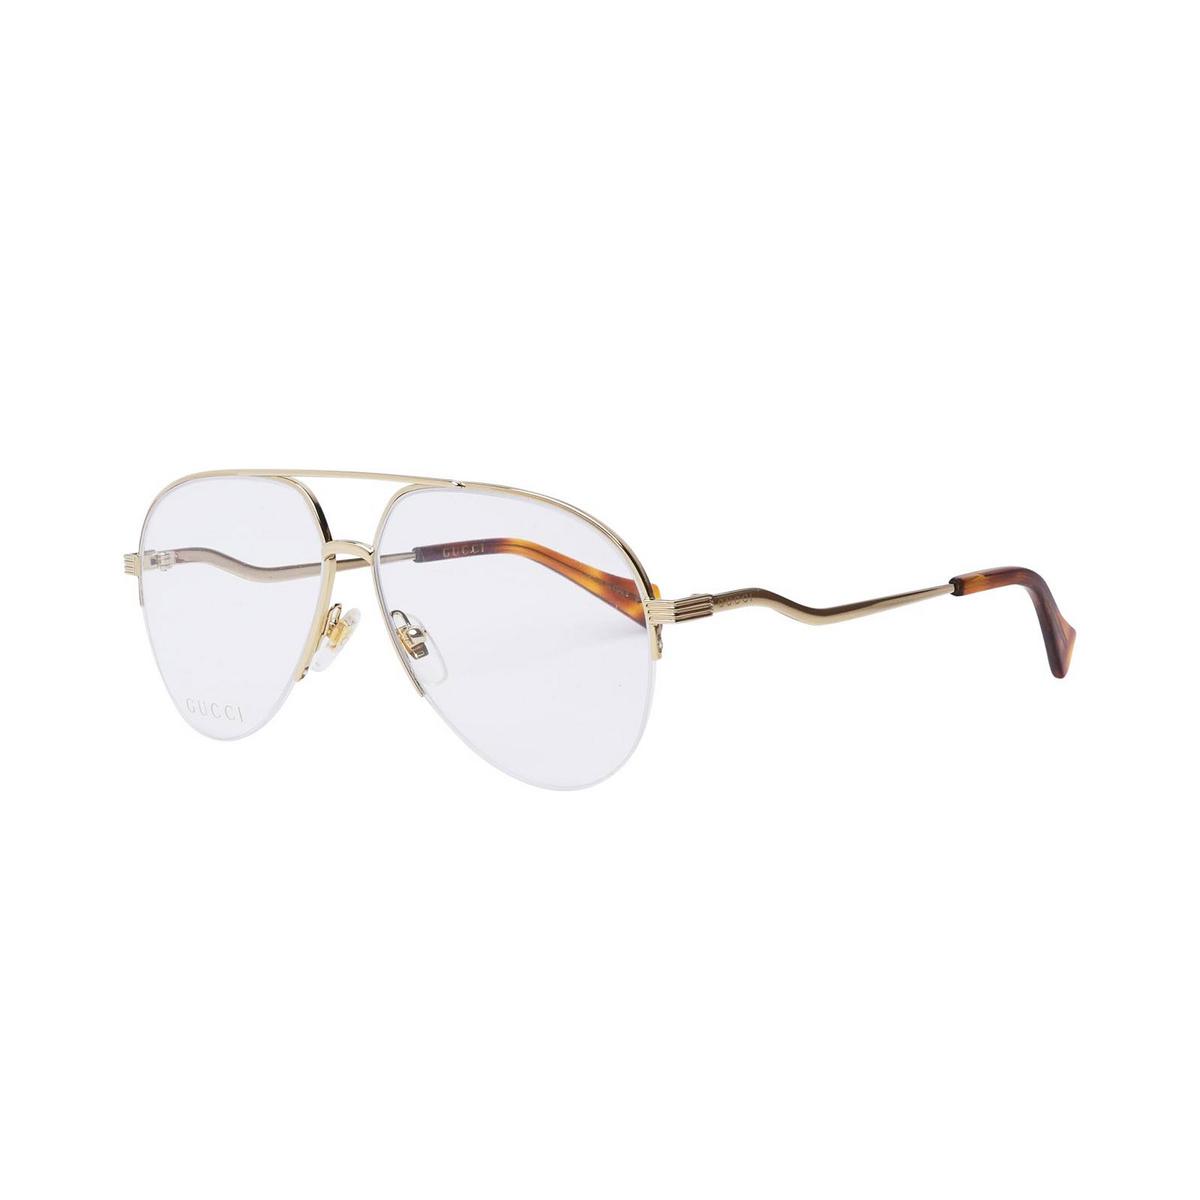 Gucci® Aviator Eyeglasses: GG0971O color Gold 001 - three-quarters view.